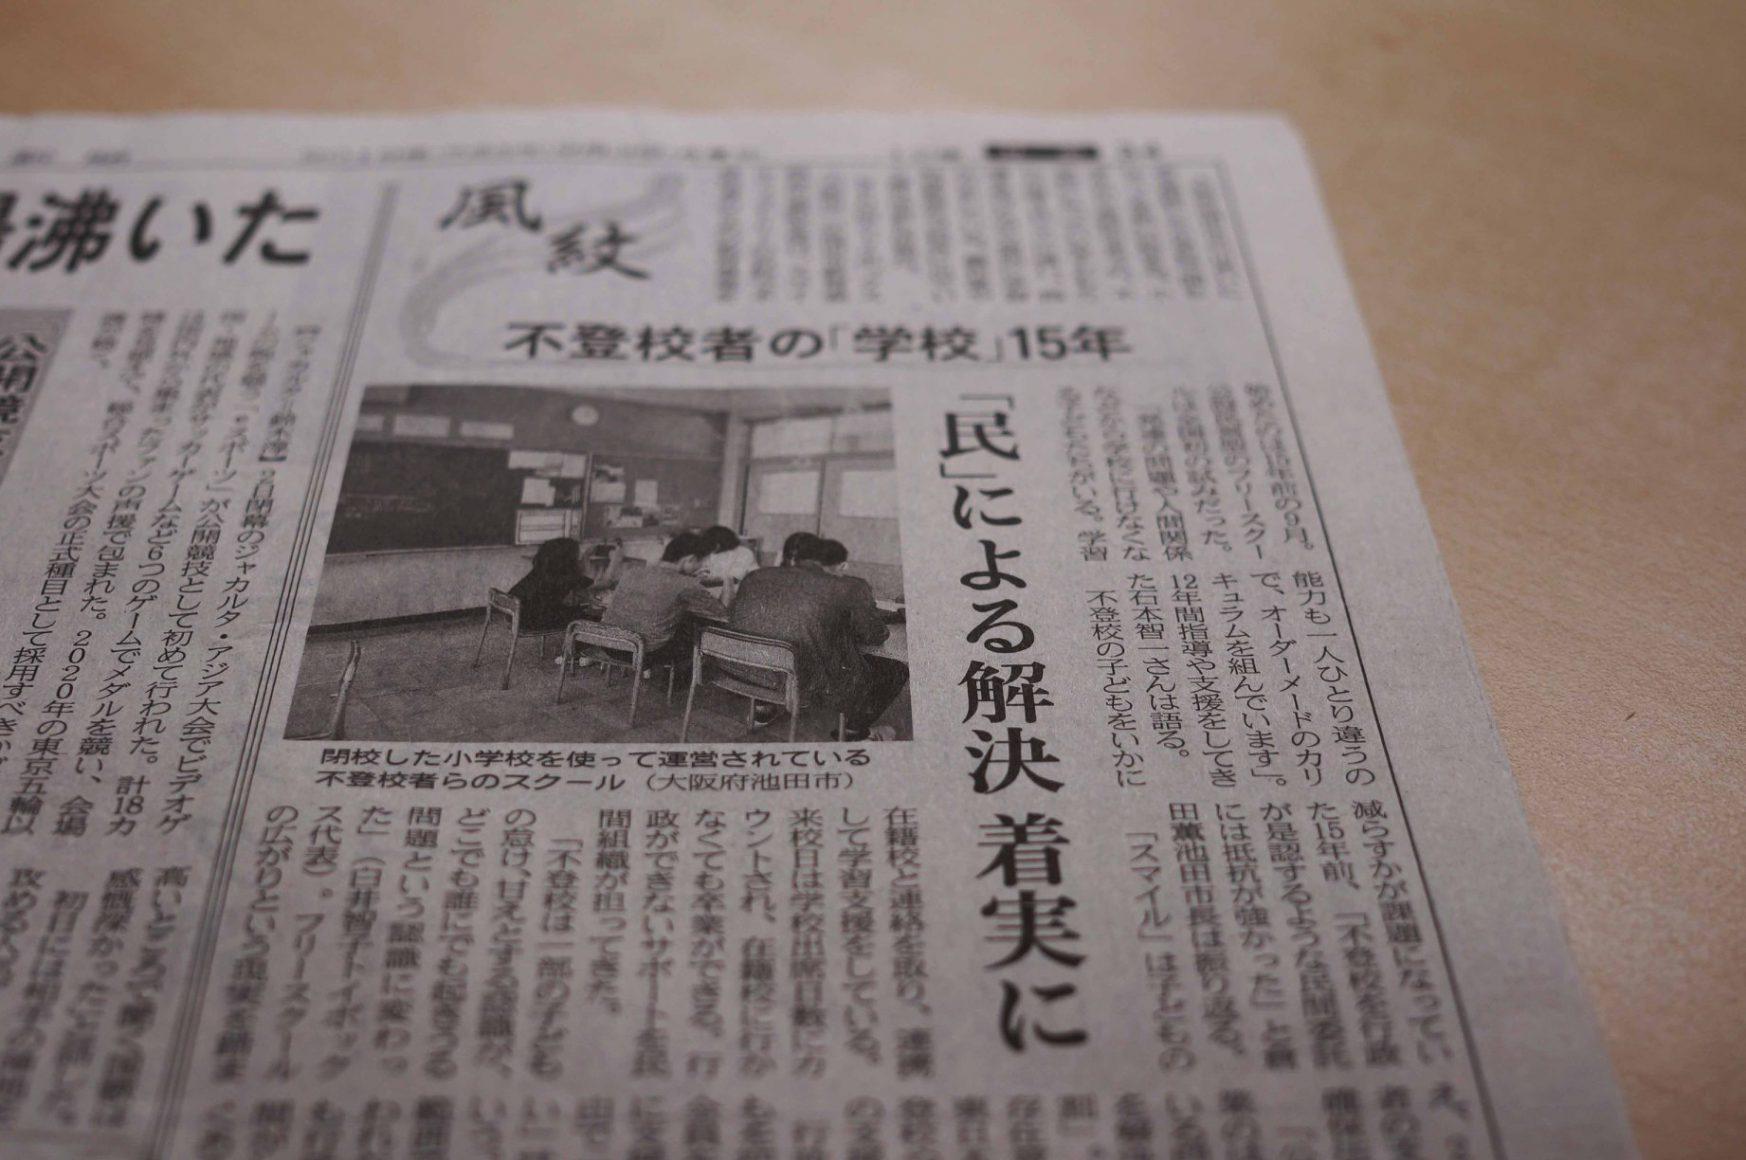 日本経済新聞コラム「風紋」にスマイルファクトリーを取り上げていただきました